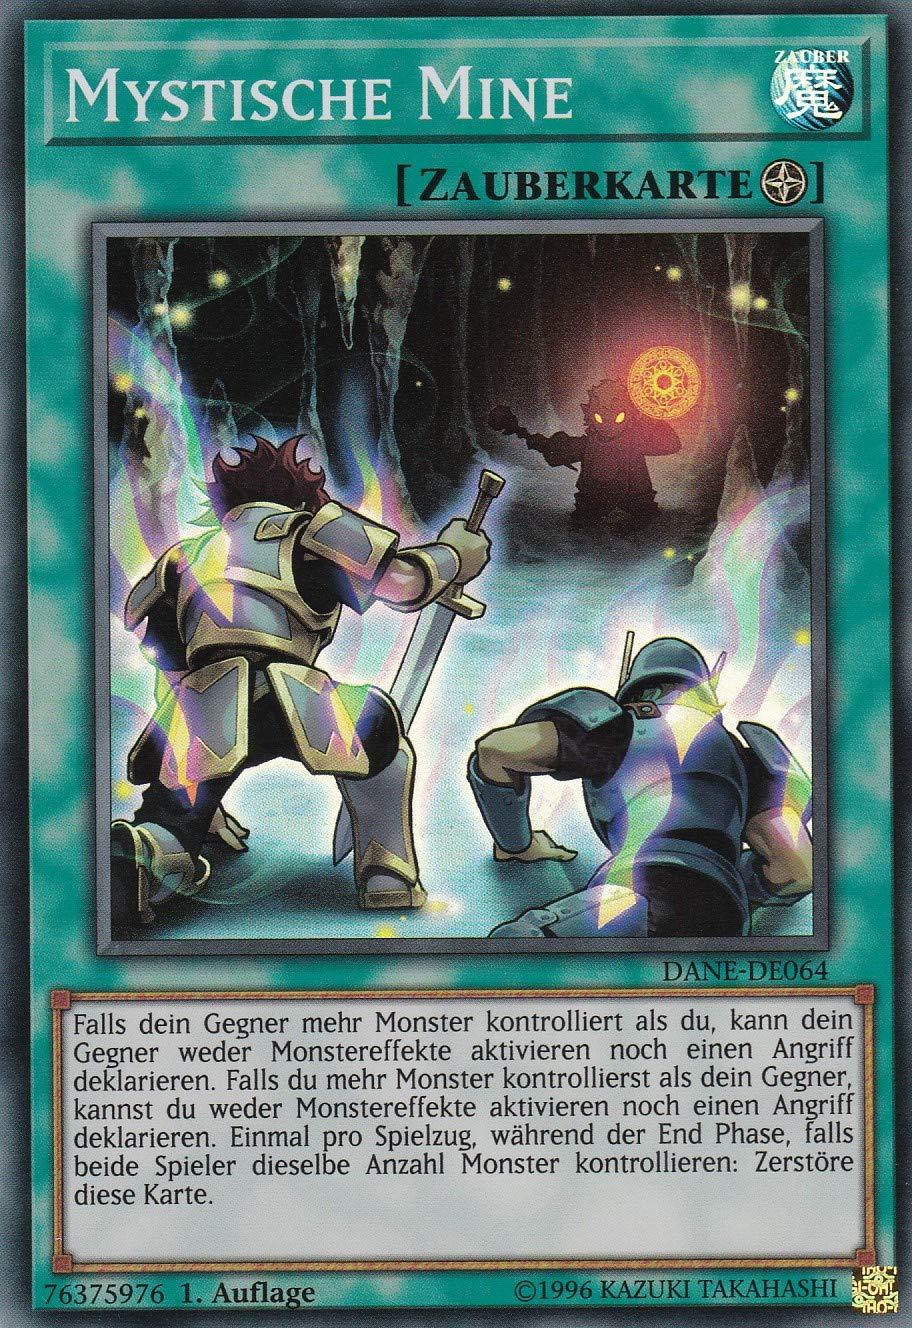 Klarsicht Super Rare DANE-DE064 Deutsch Auflage im Set mit Ultra Pro Toploader und Ultra Pro Schutzh/ülle Yu-Gi-Oh 1 Mystische Mine